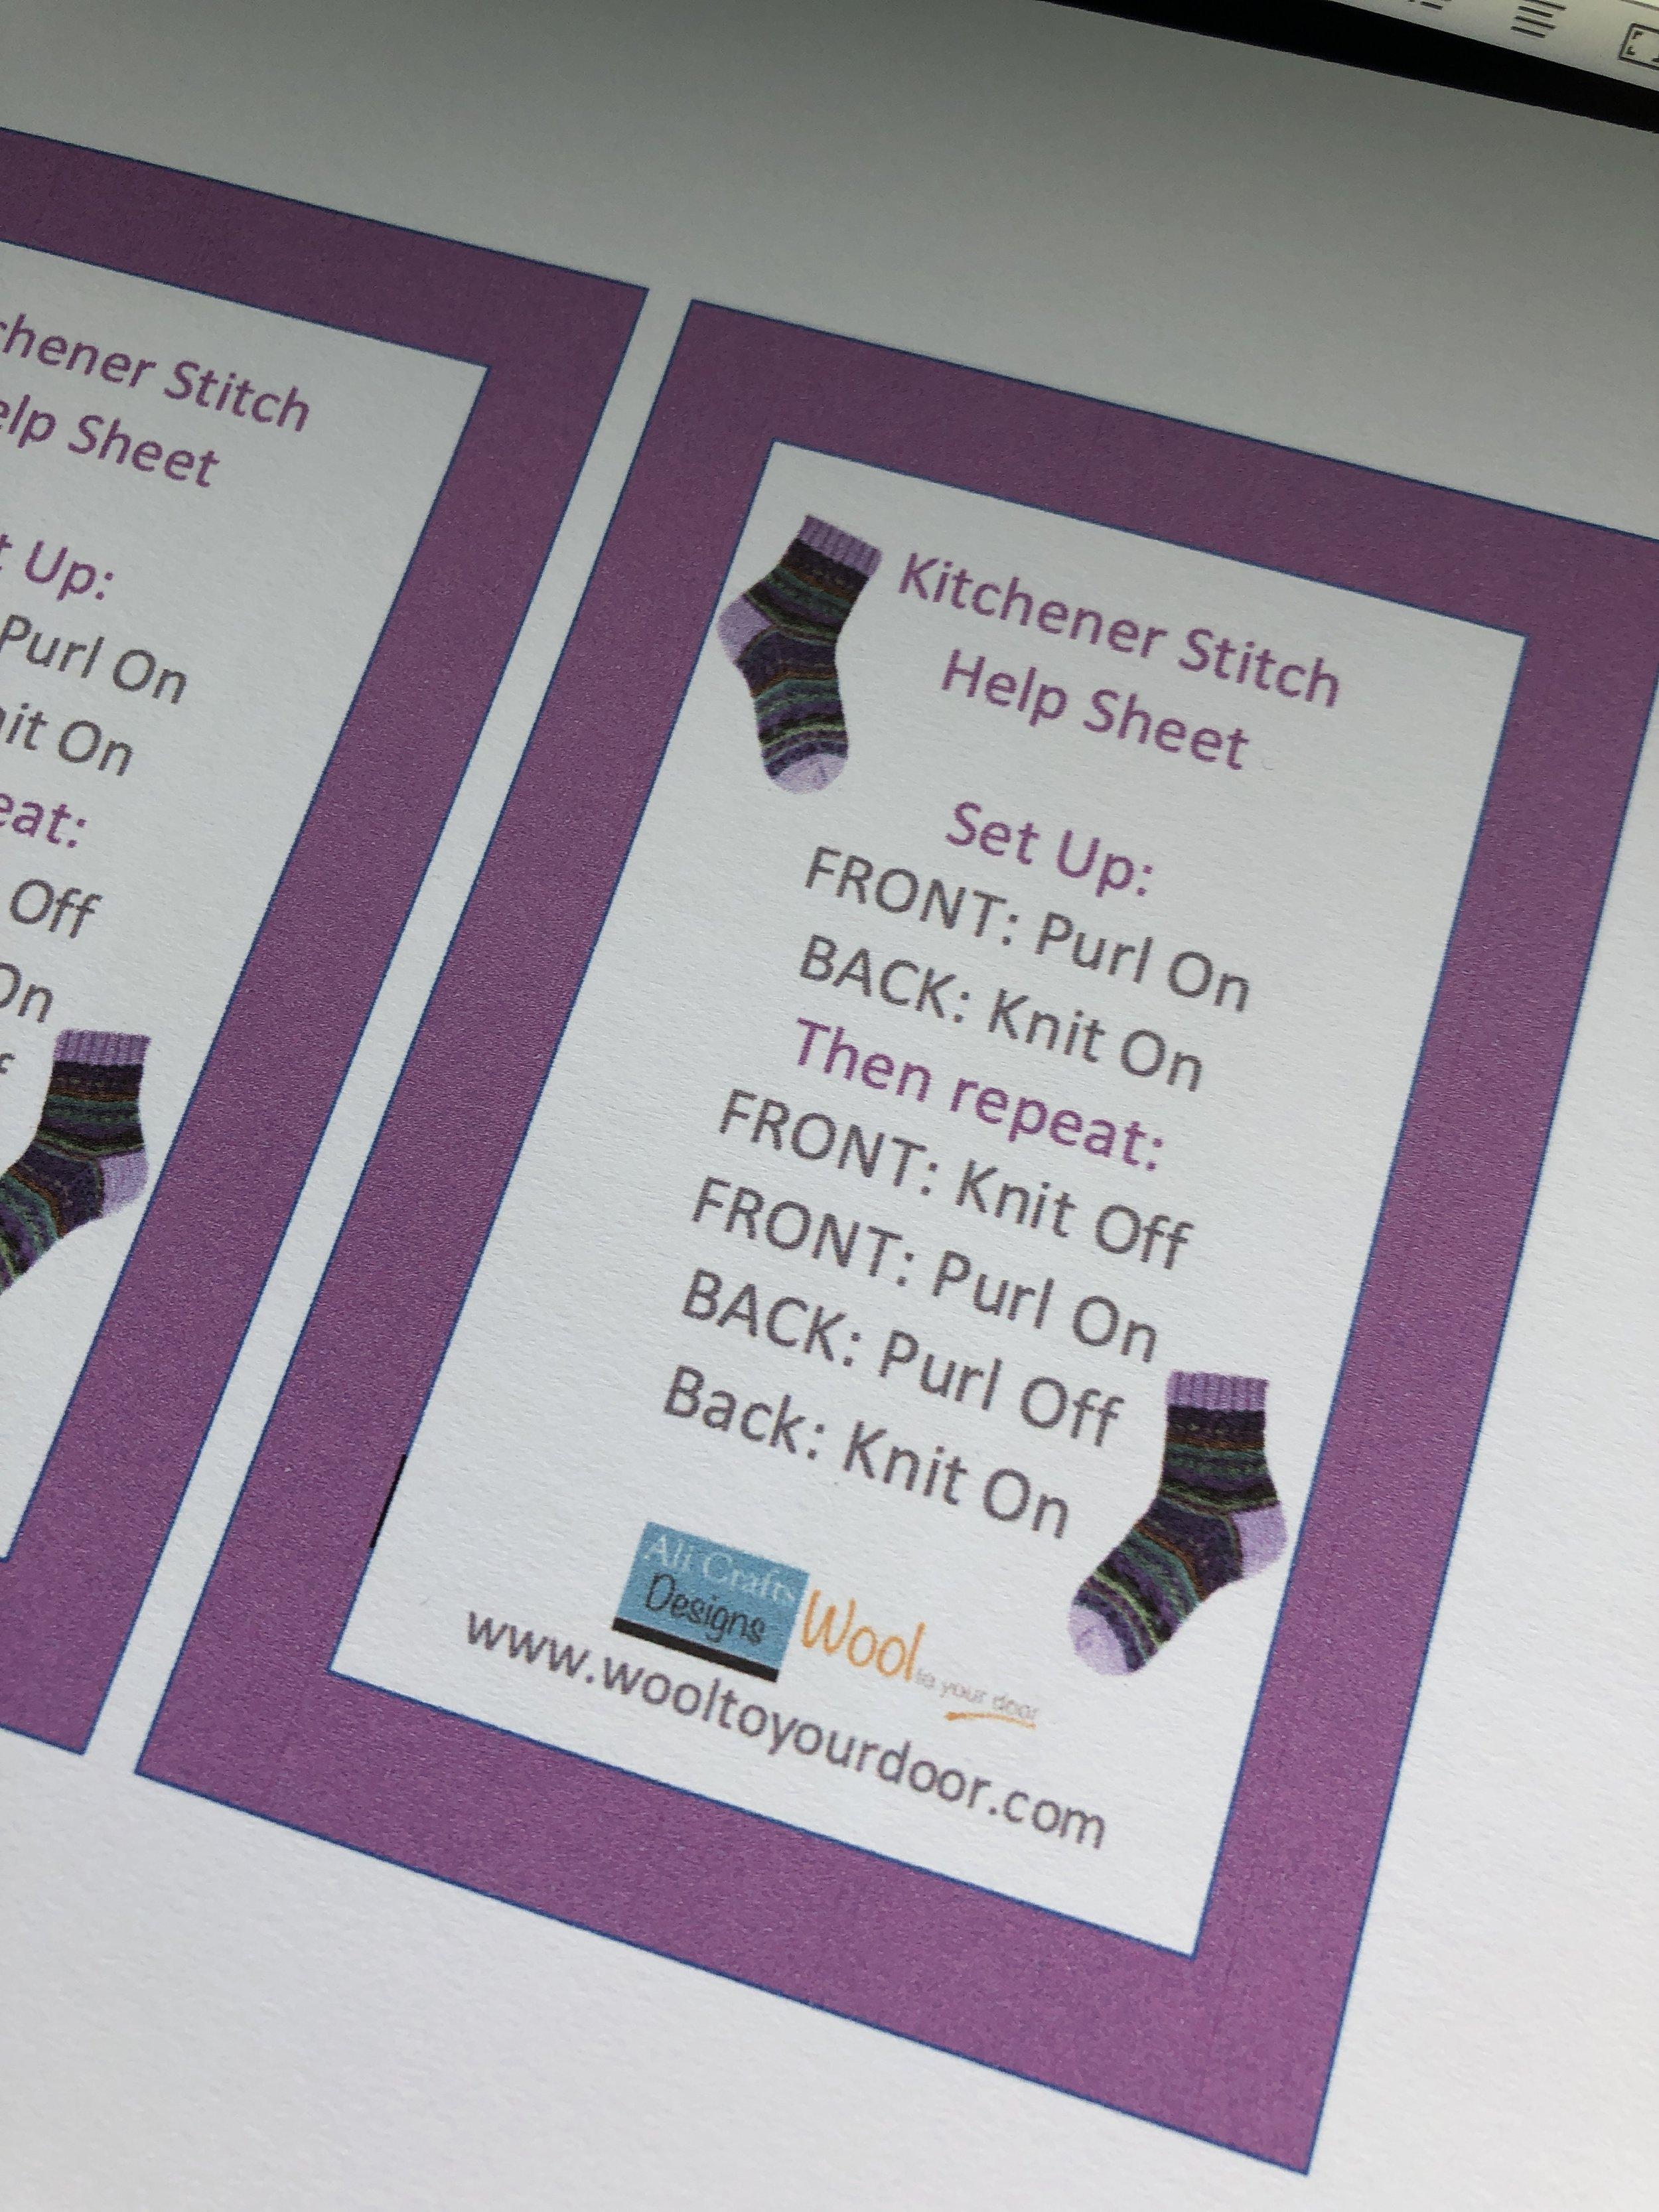 Kitchener stitch help sheet